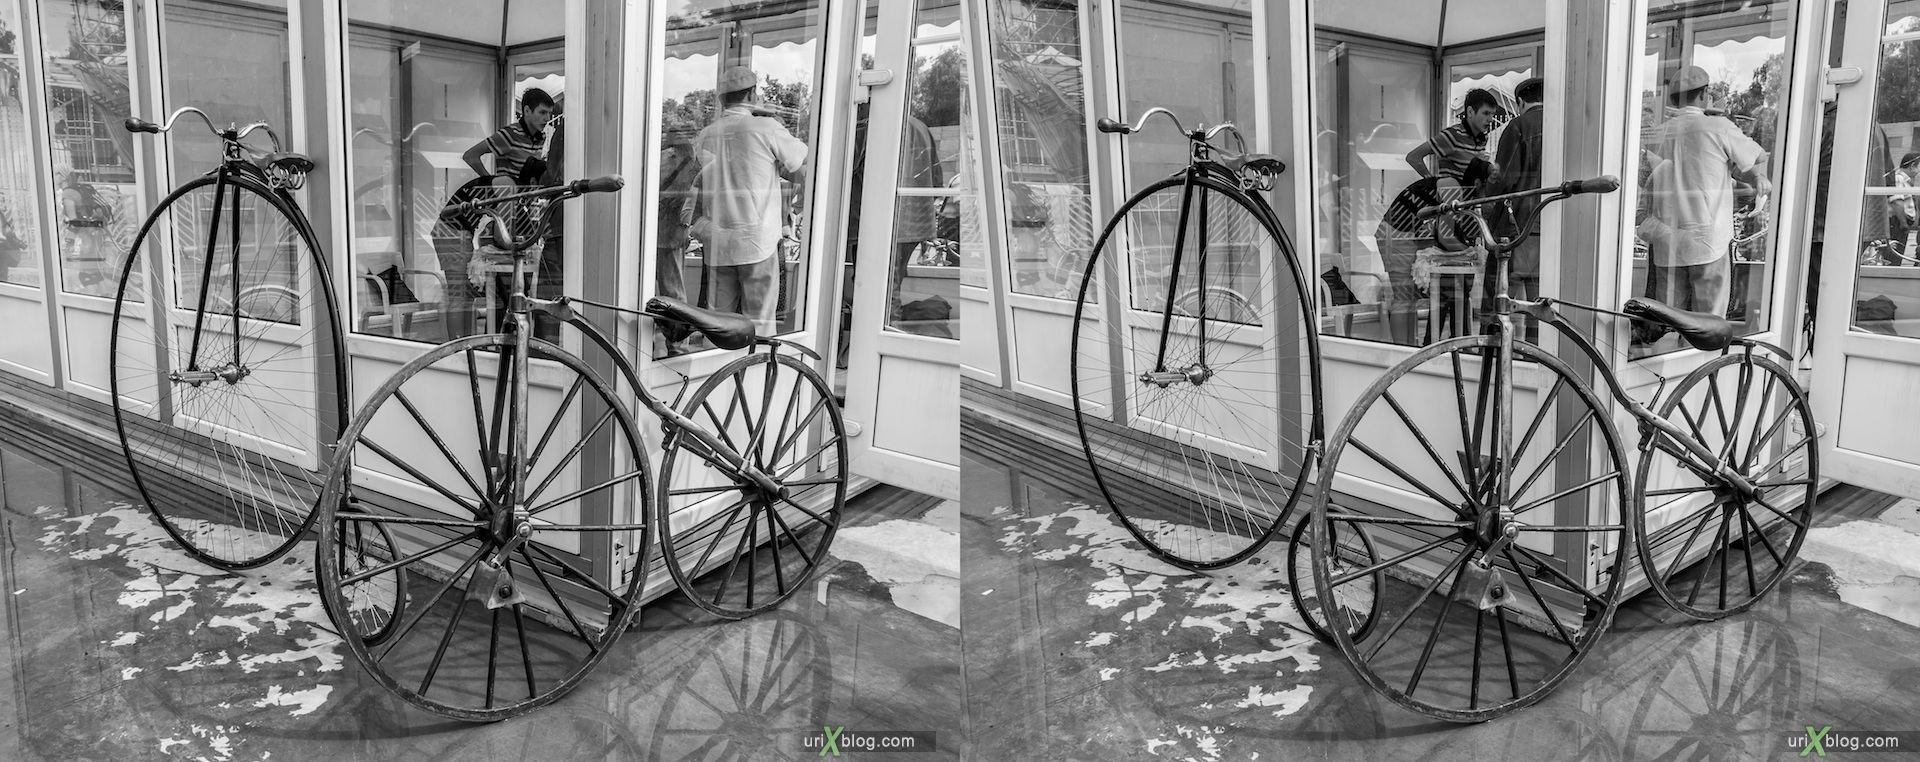 2013, ралли, старинный, велосипеды, Сокольники, парк, выставка, Москва, Россия, 3D, перекрёстные стереопары, стерео, стереопара, стереопары